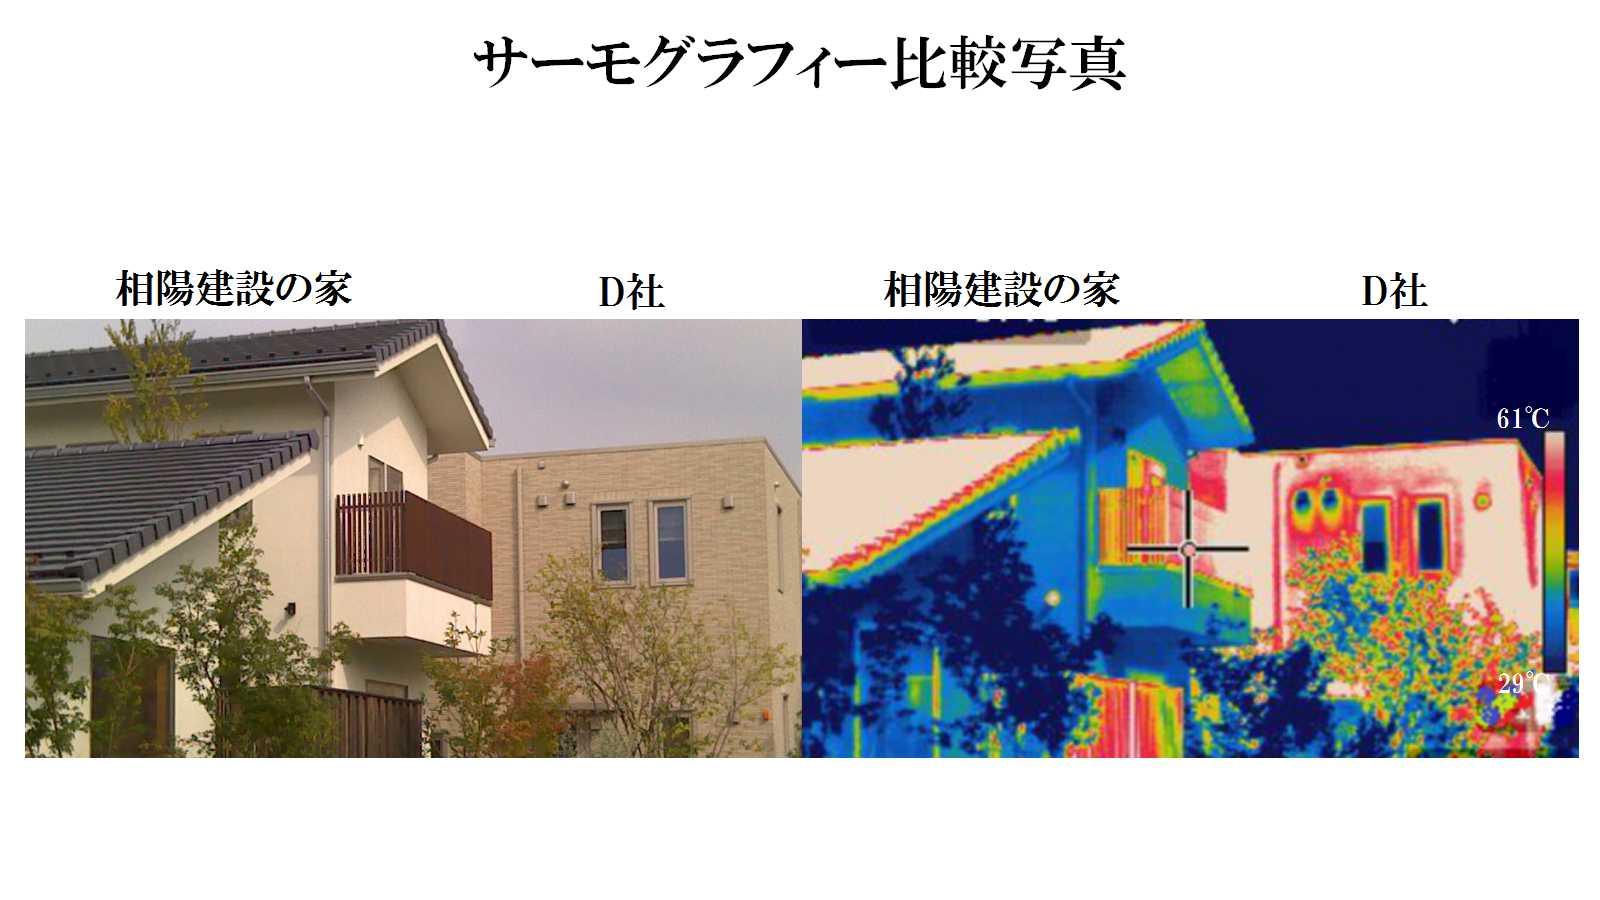 相模原・町田・八王子で自然素材の健康住宅を提供する相陽建設の家は、猛暑にうってつけの涼しい家です